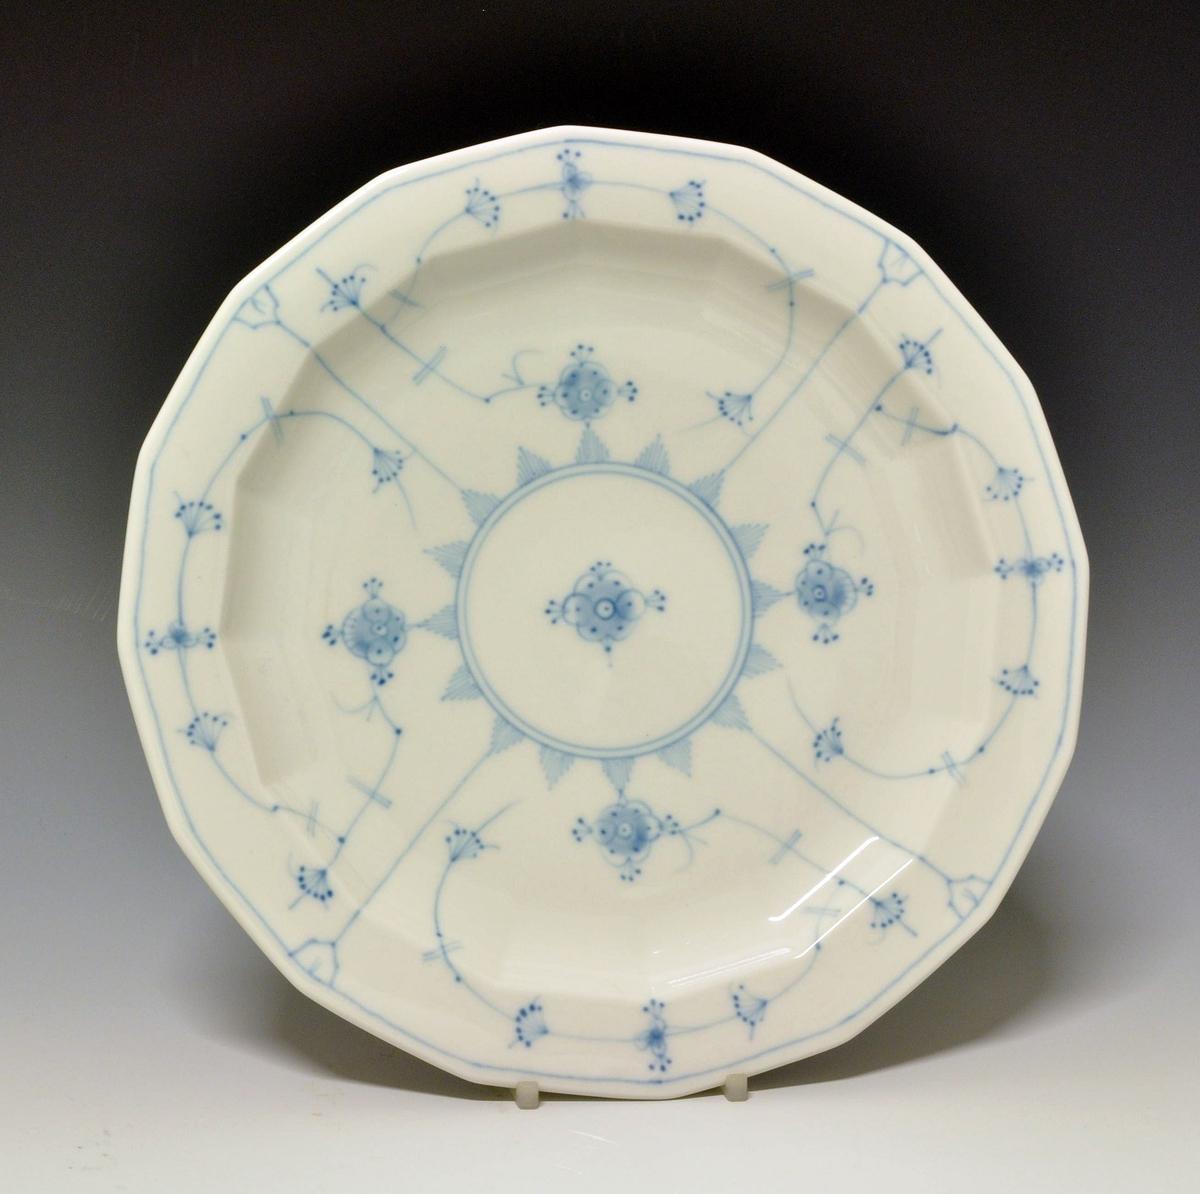 Flat tallerken i porselen. På fanen er flat med 16 kanter. Dekor: Stråmønster i blått Modell: 2575 Grethe Rønnings Oktavia